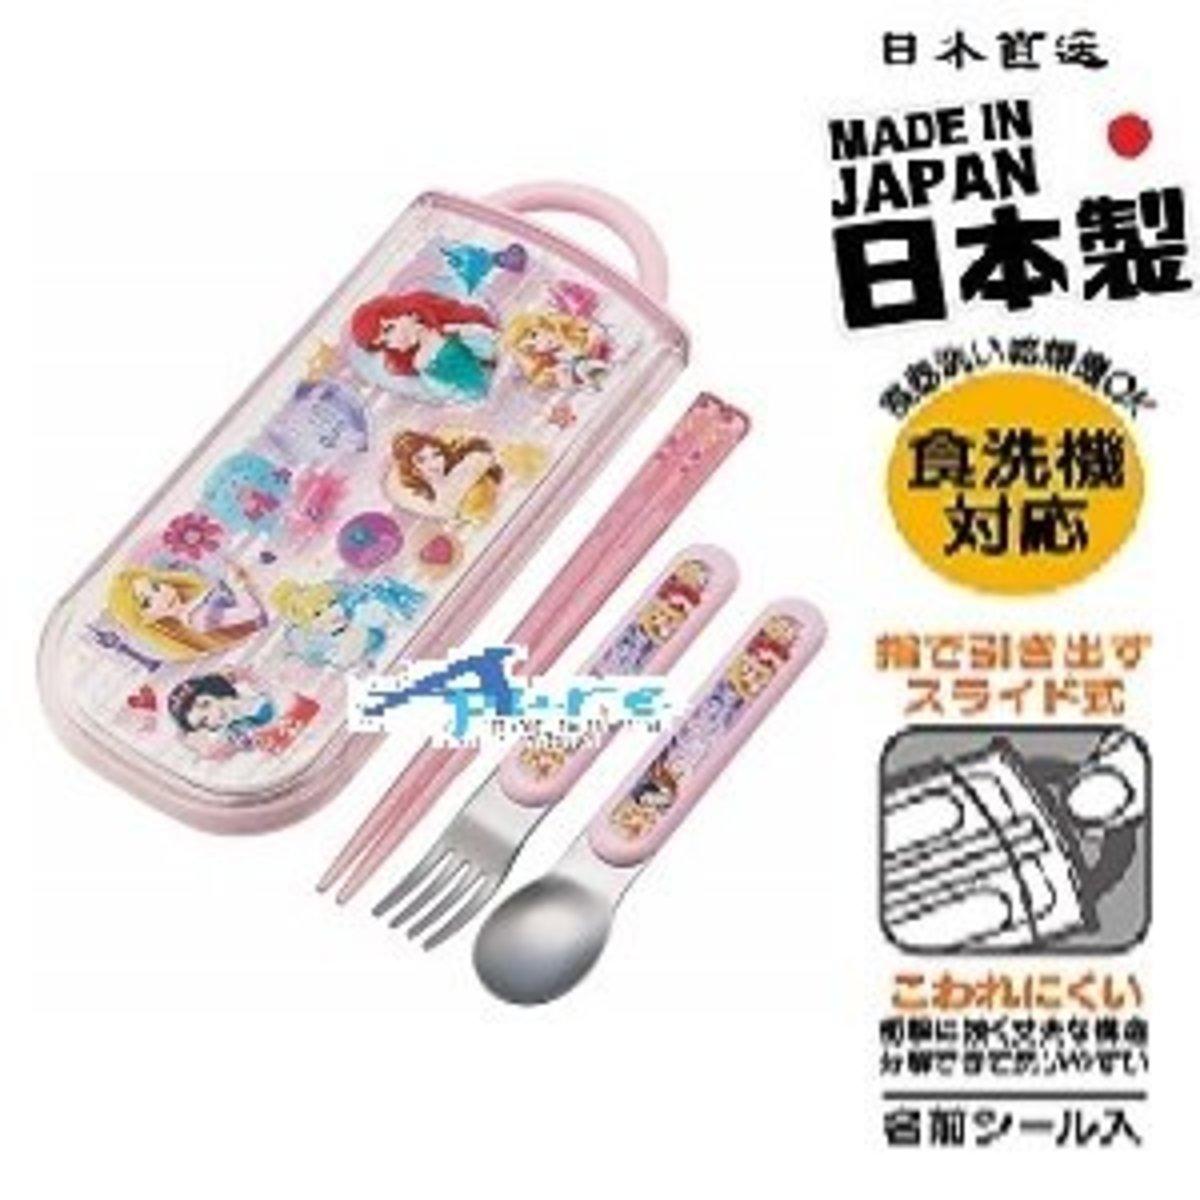 -Skater Chopsticks + Spoon + Fork Lunch Set (Parallel Import)